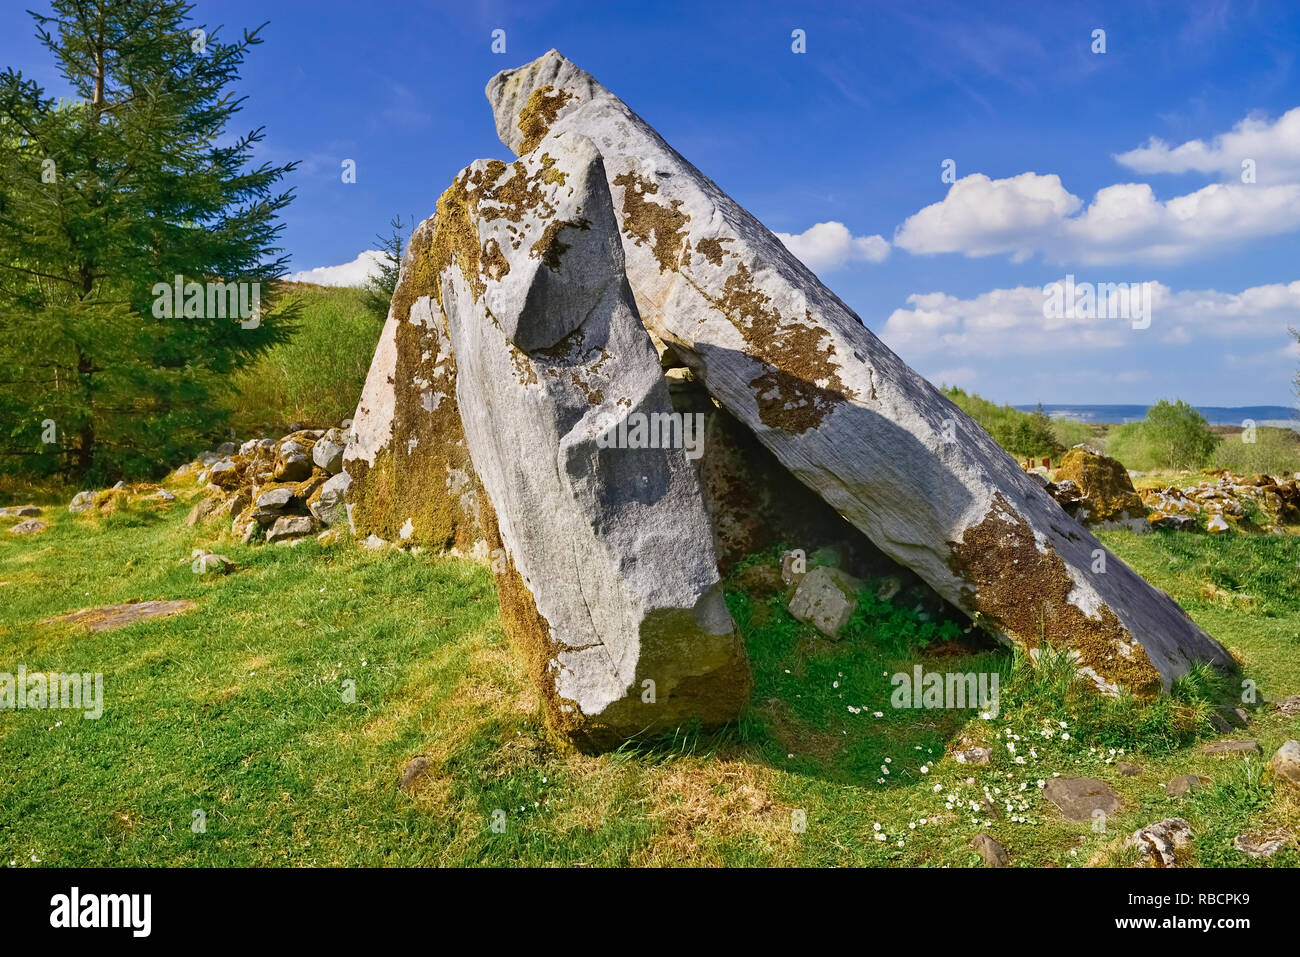 Ireland, County Cavan,  Cavan Burren Park, The Calf House Dolmen. - Stock Image